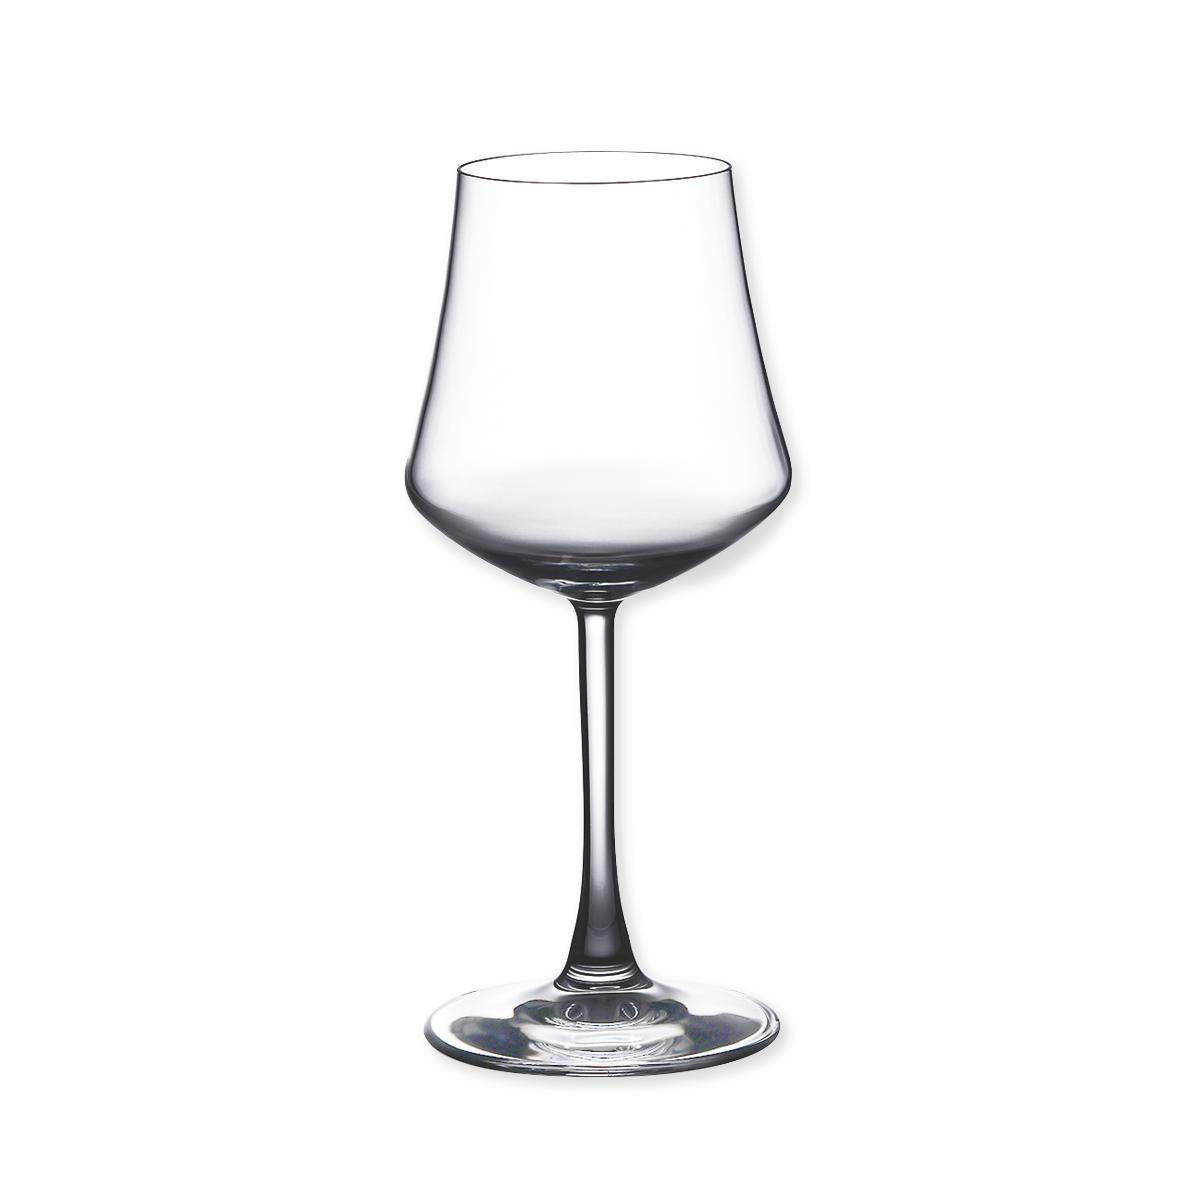 Verre A Vin Moderne verre à vin original et moderne - verrerie design - bruno evrard